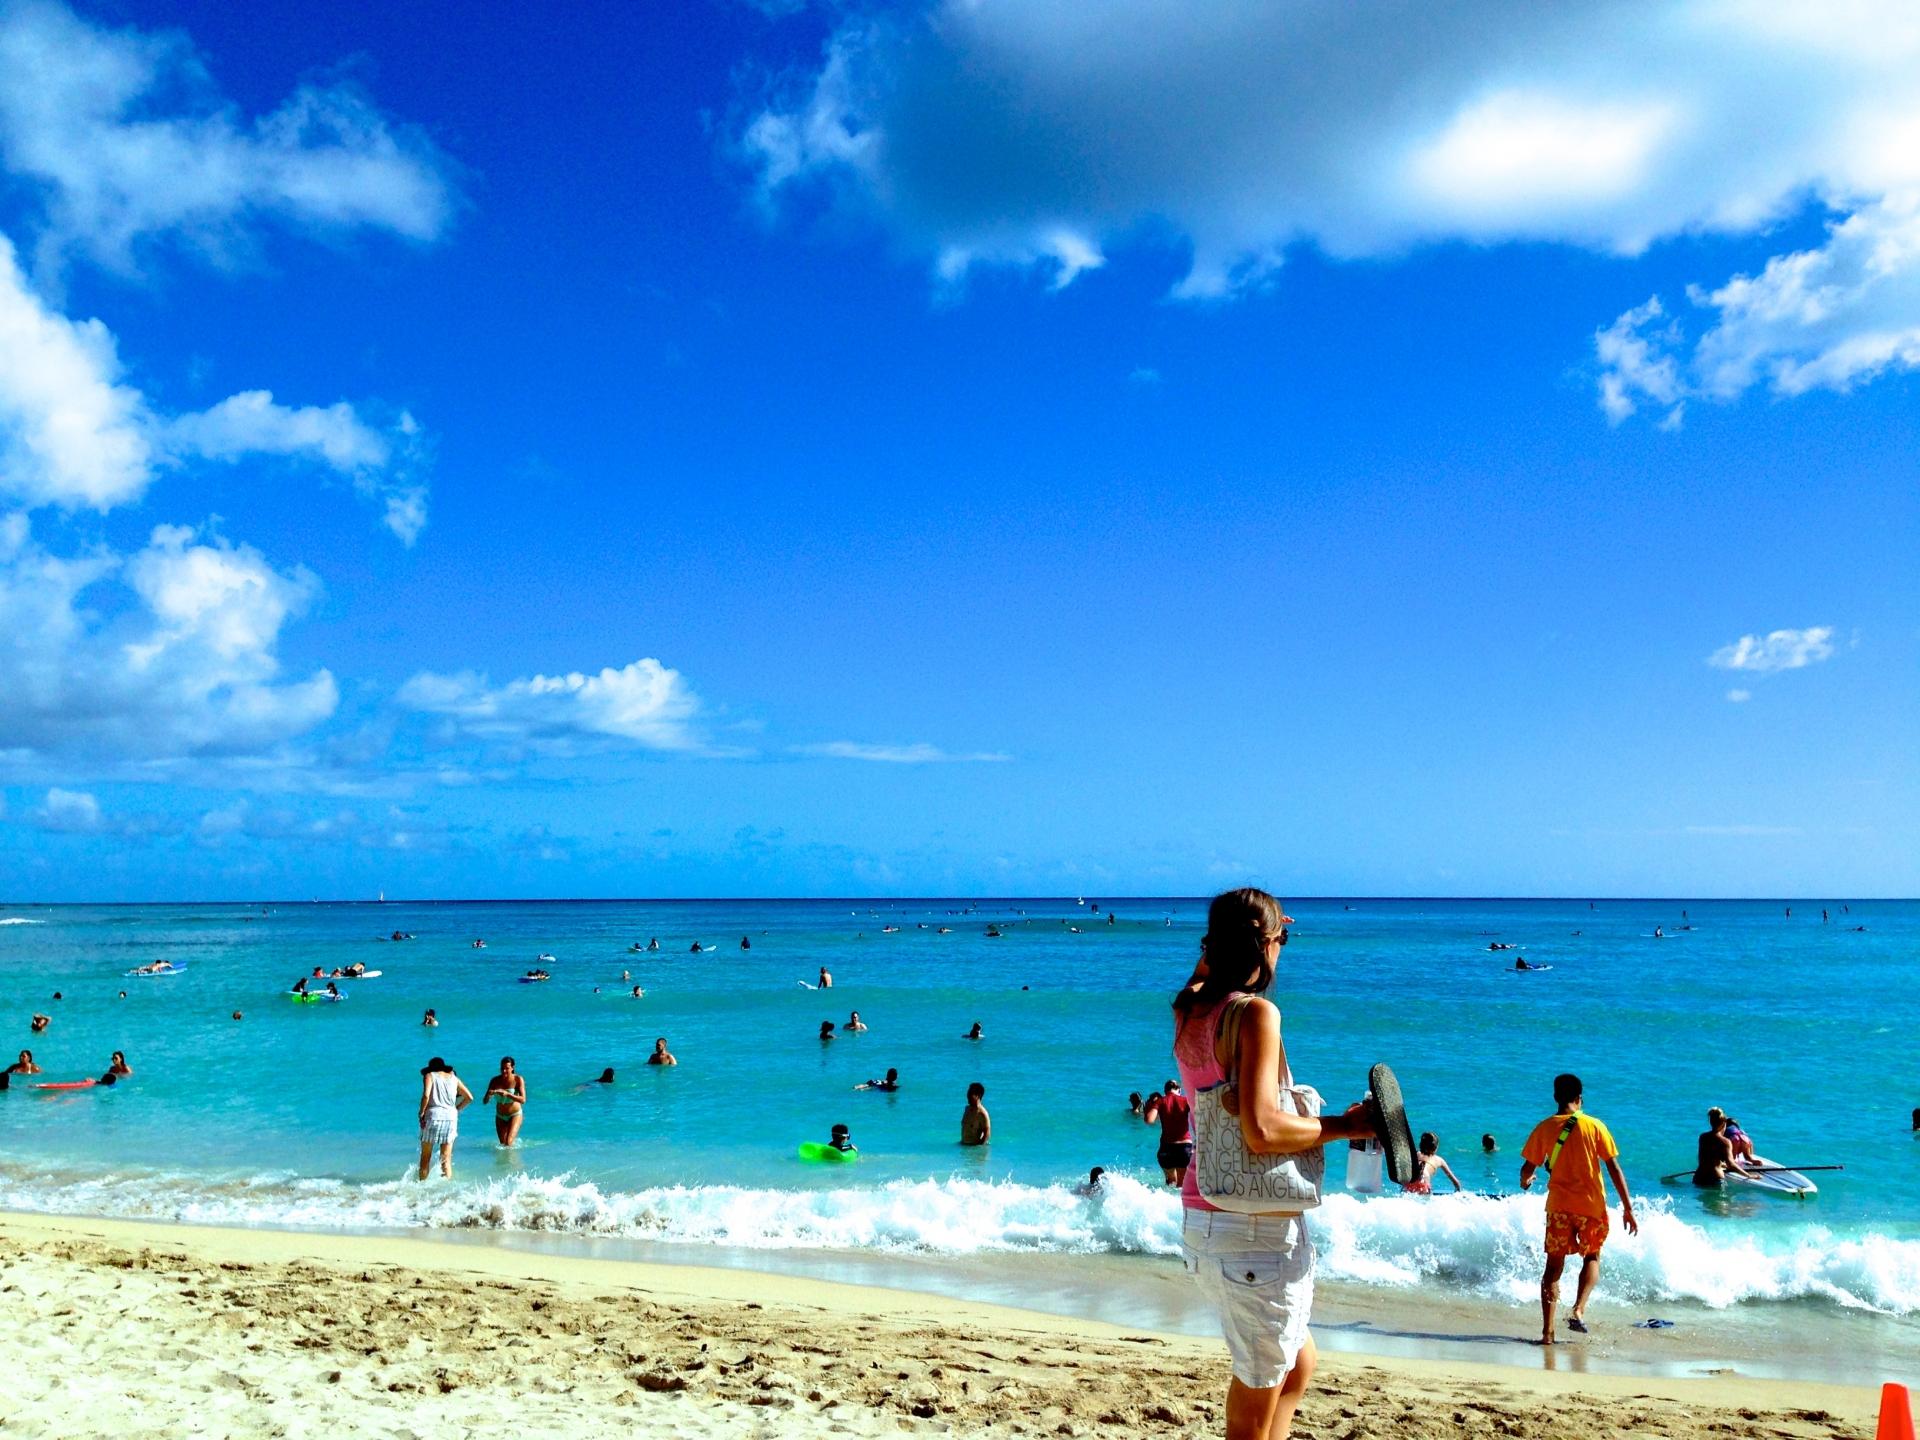 ハワイのビーチで楽しむために「貴重品」の保管について